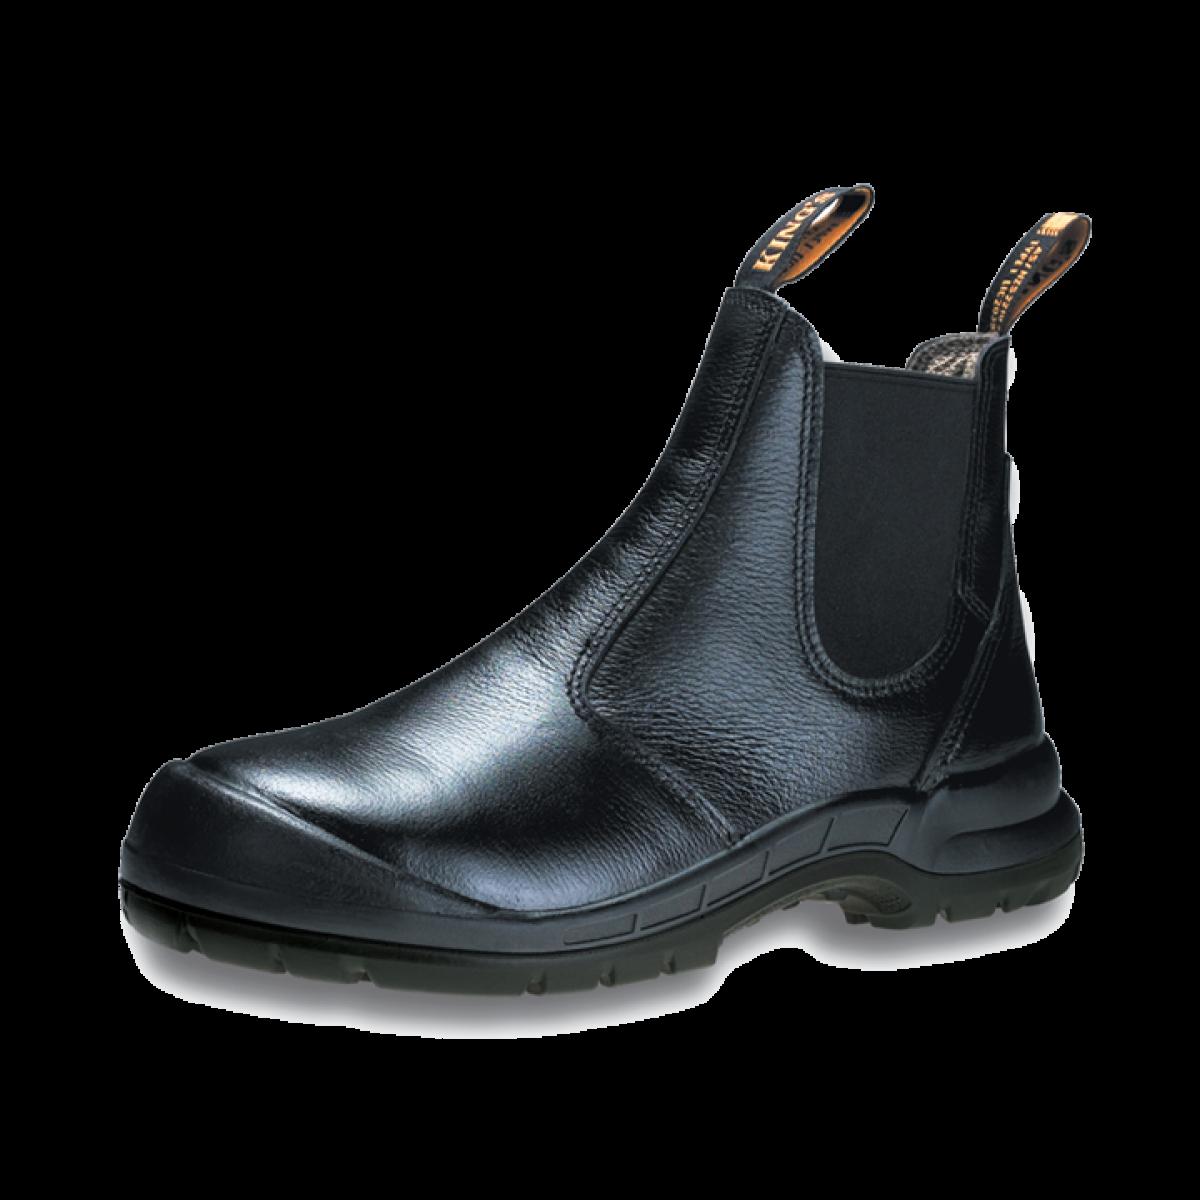 2e422235f4f4 Kingu0026 39 s Safety Shoe KWD706 - Men - Safety Footwear - Safety .